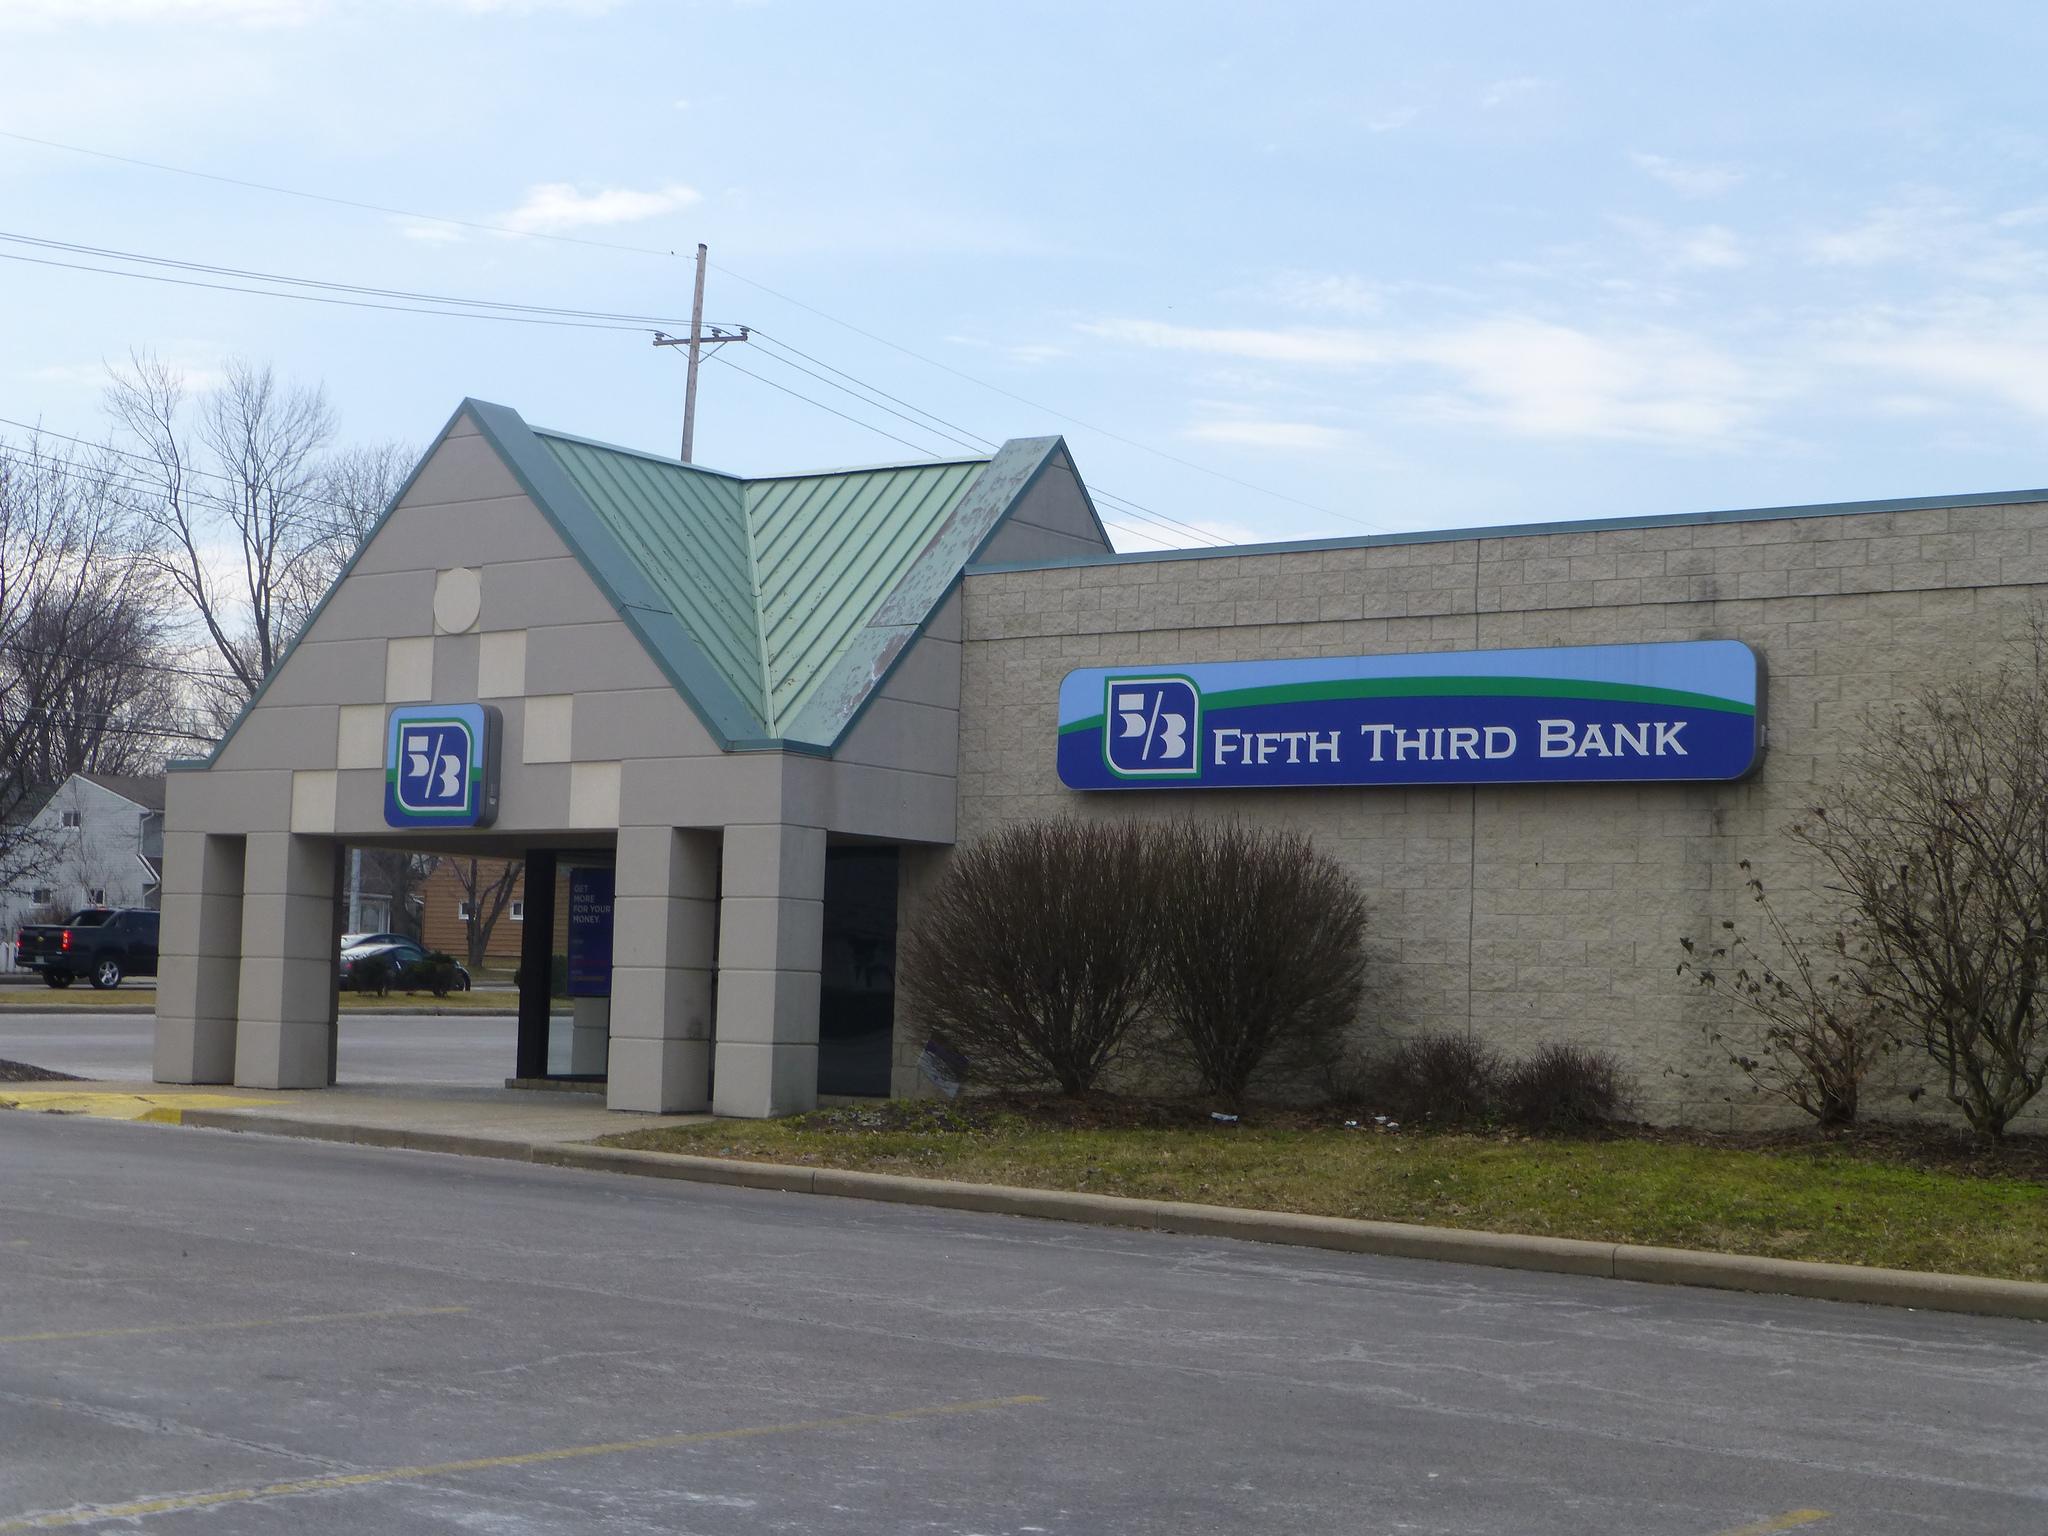 5 3 Bank - 508518